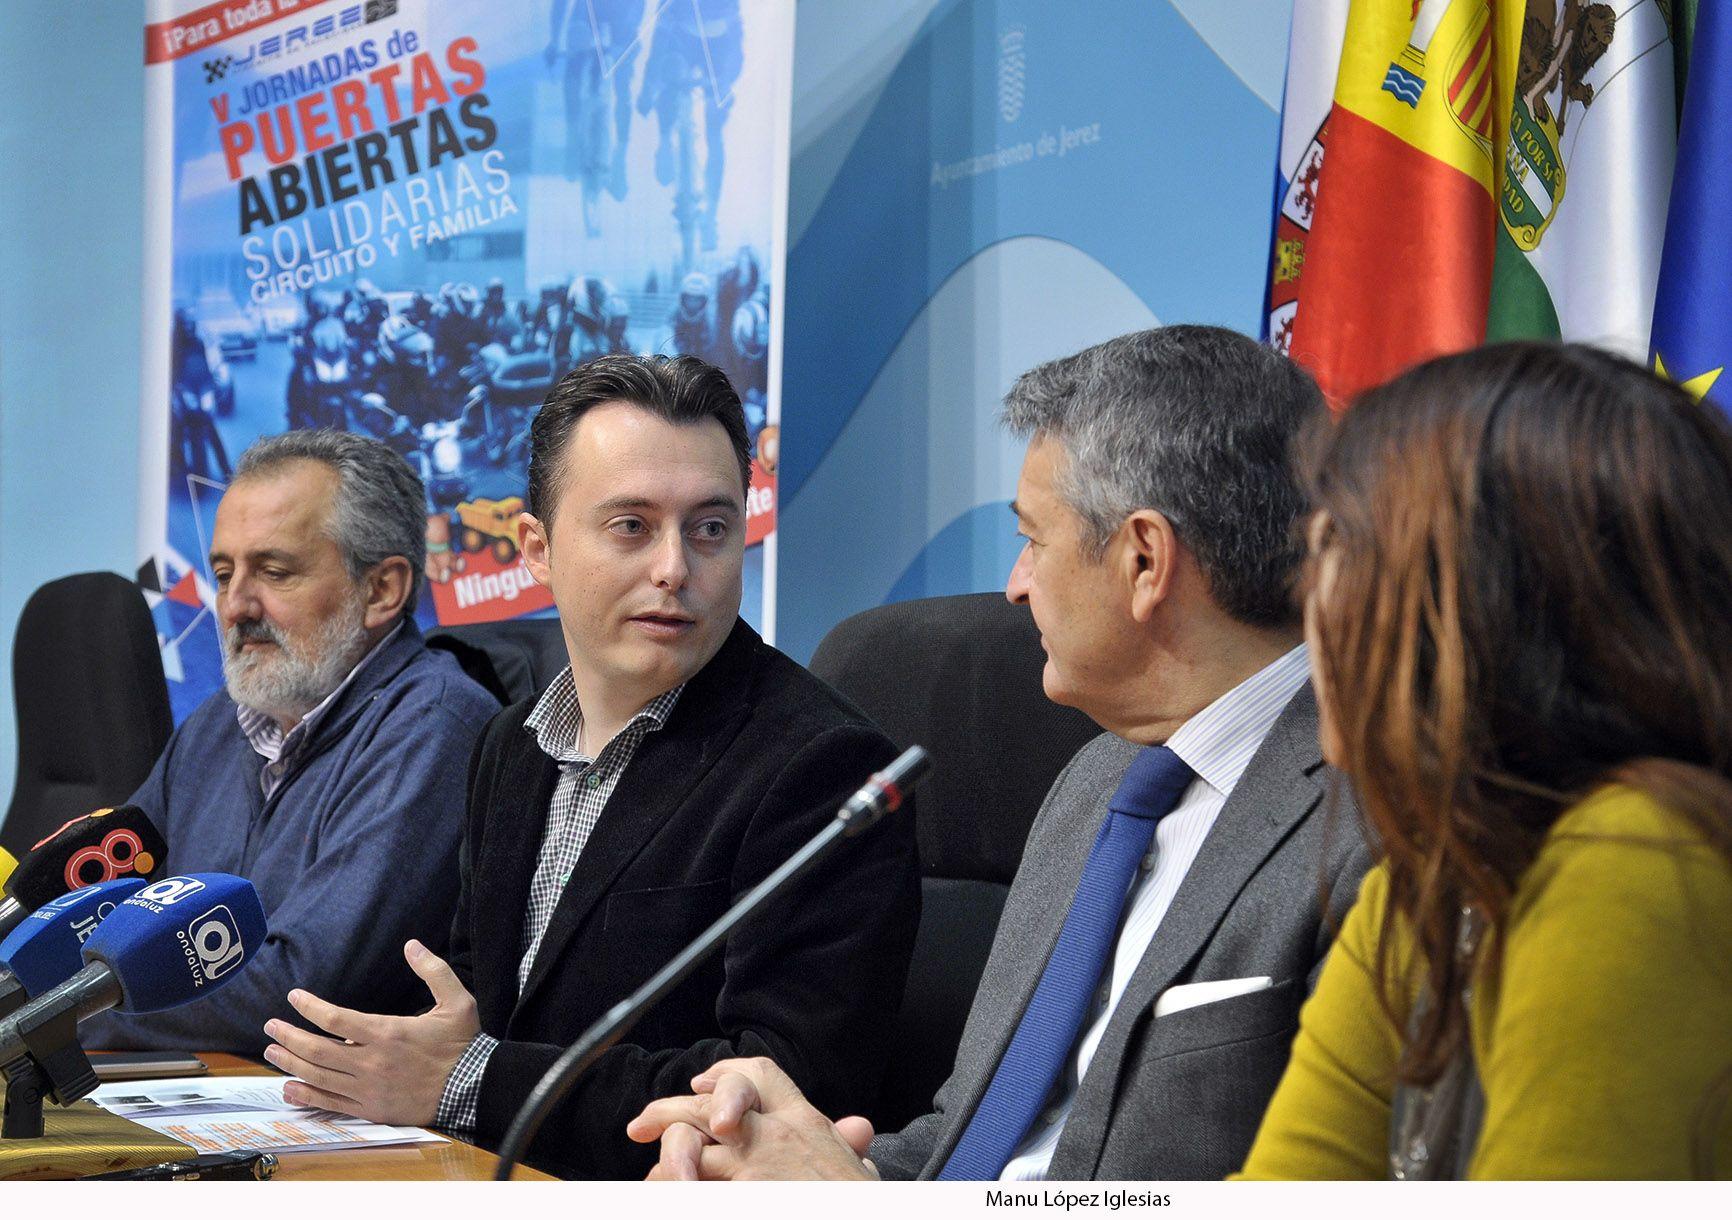 Santiago Galvan pres Jornadas Puertas Abiertas Circuito